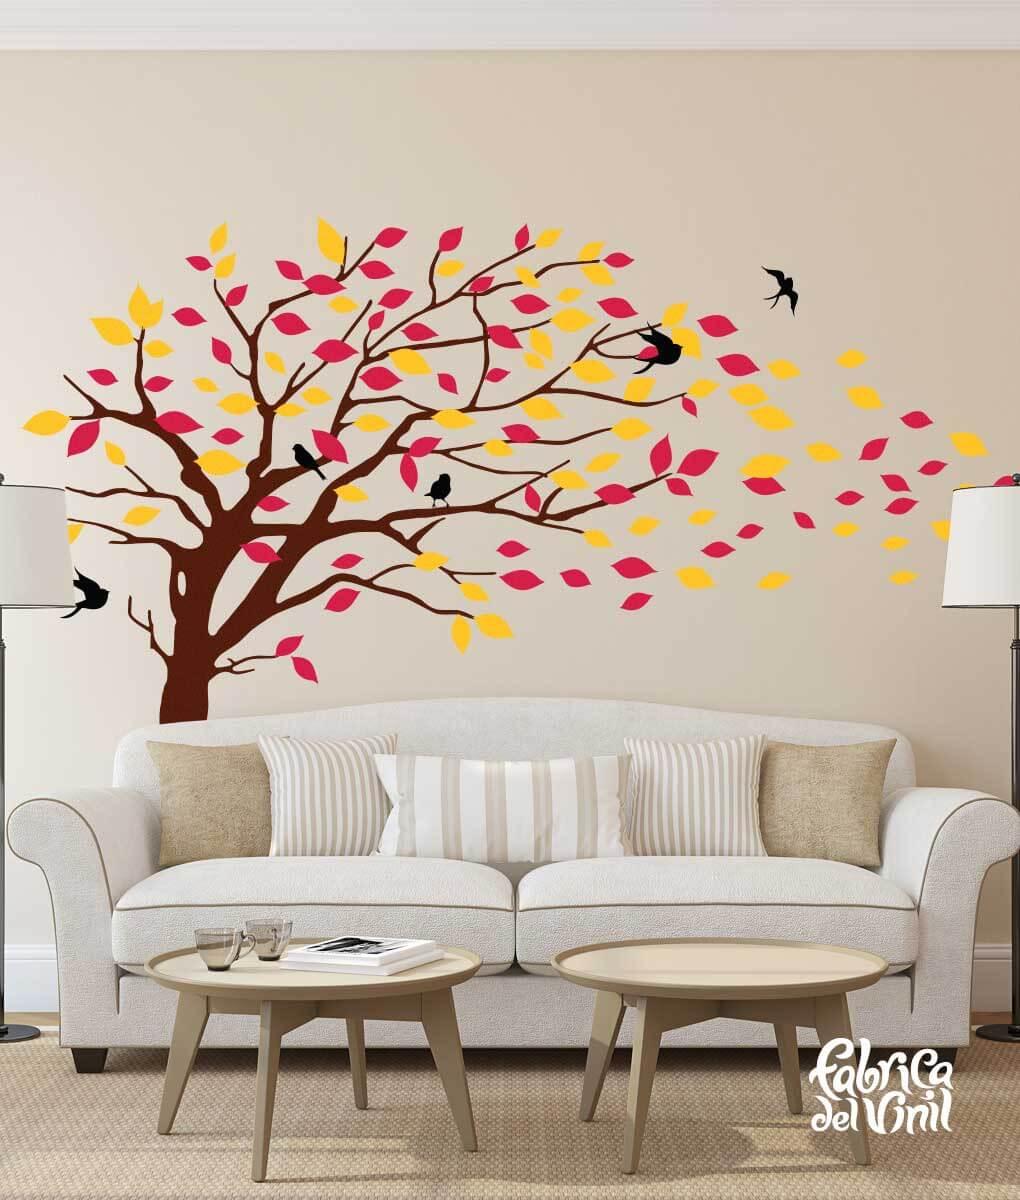 Rbol inclinado por el viento vinil decorativo wall for Calcomanias para paredes decorativas